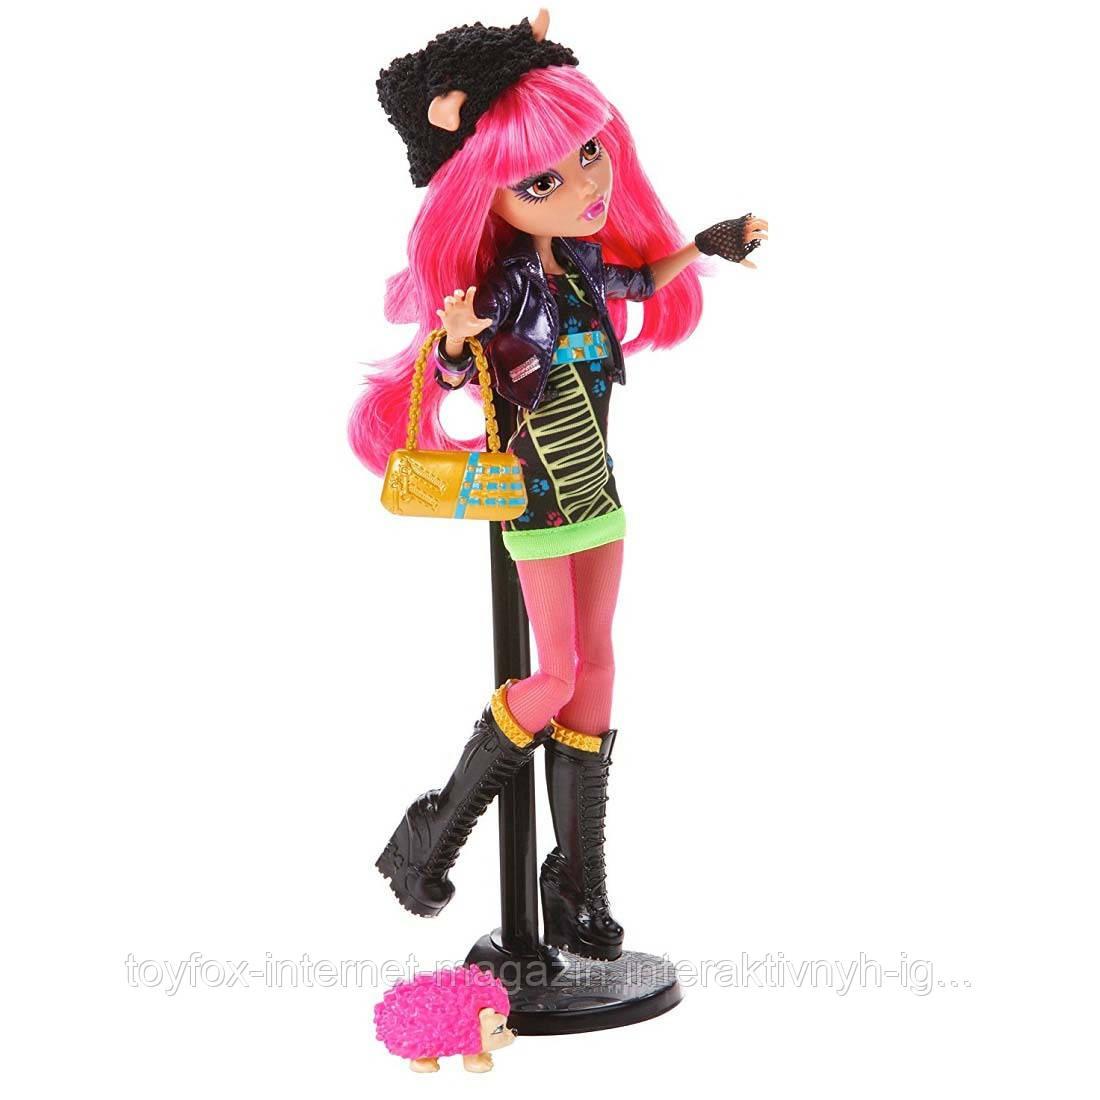 Ляльки Монстер Хай 13 Бажань - Monster High 13 Wishes